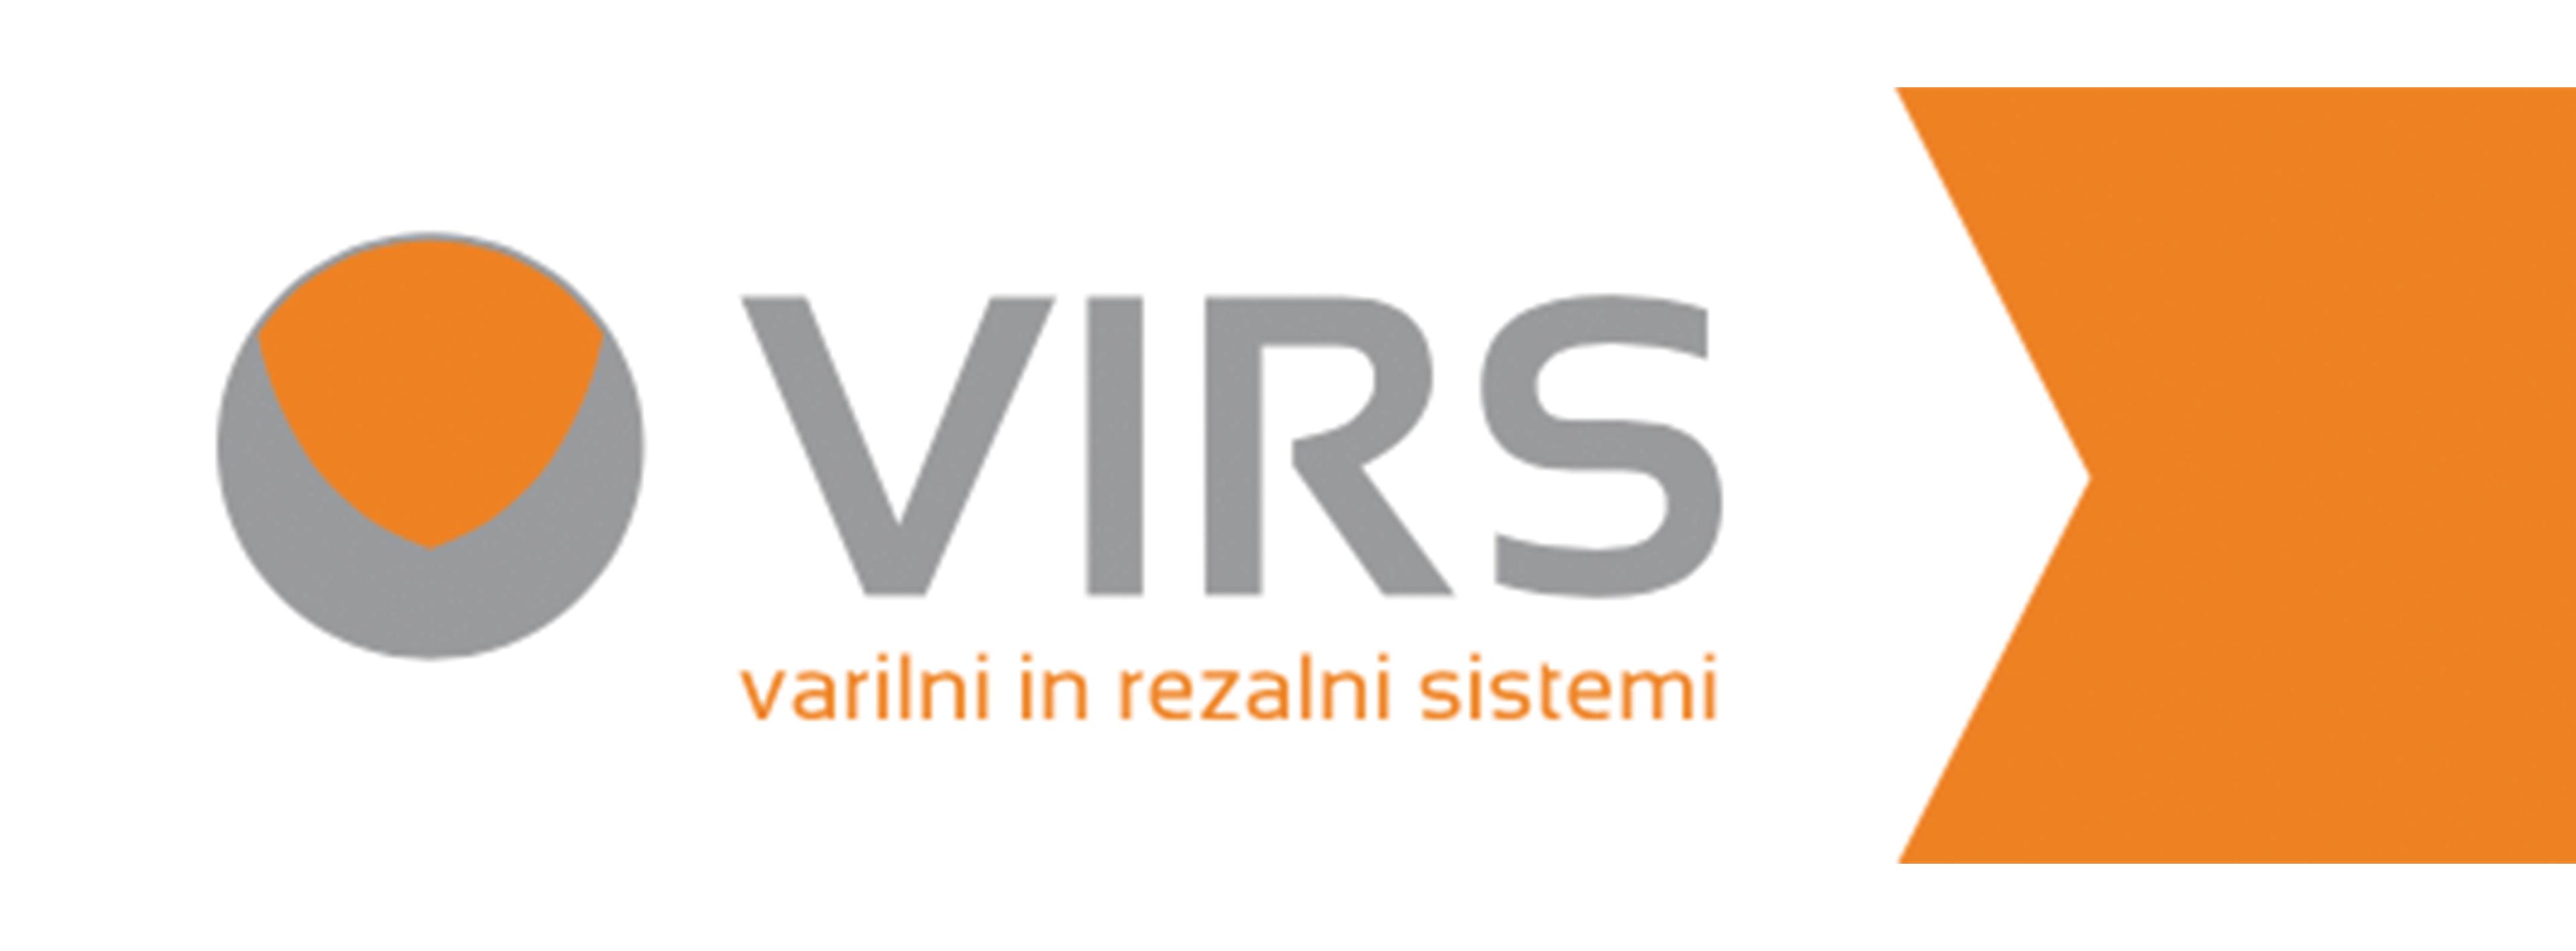 VIRSS